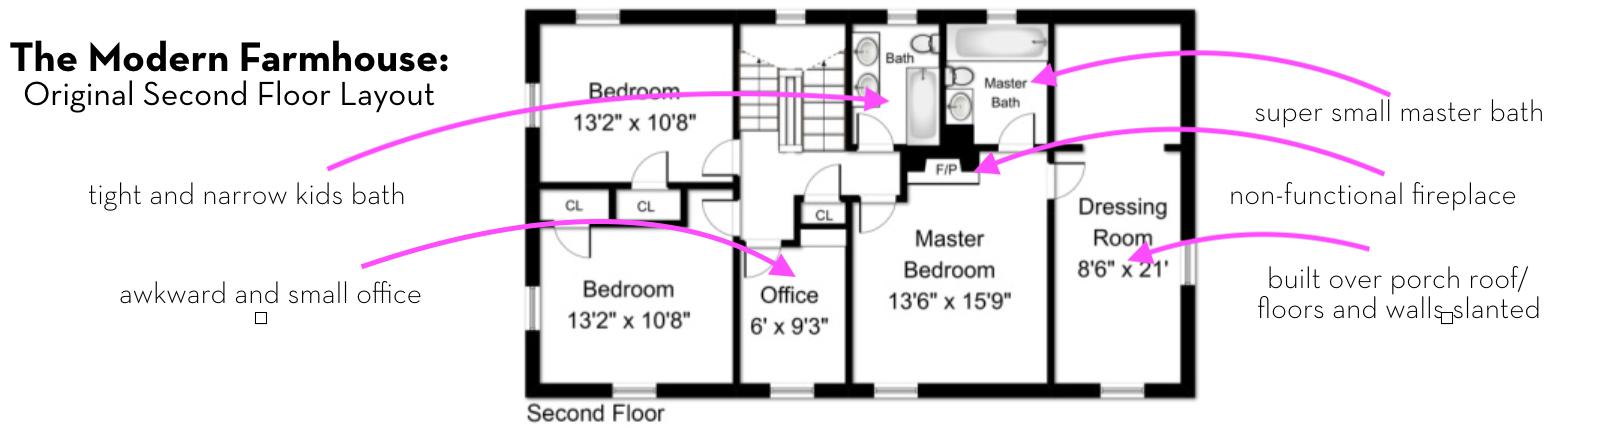 Oakwood Orignial Second Floor Layout.png